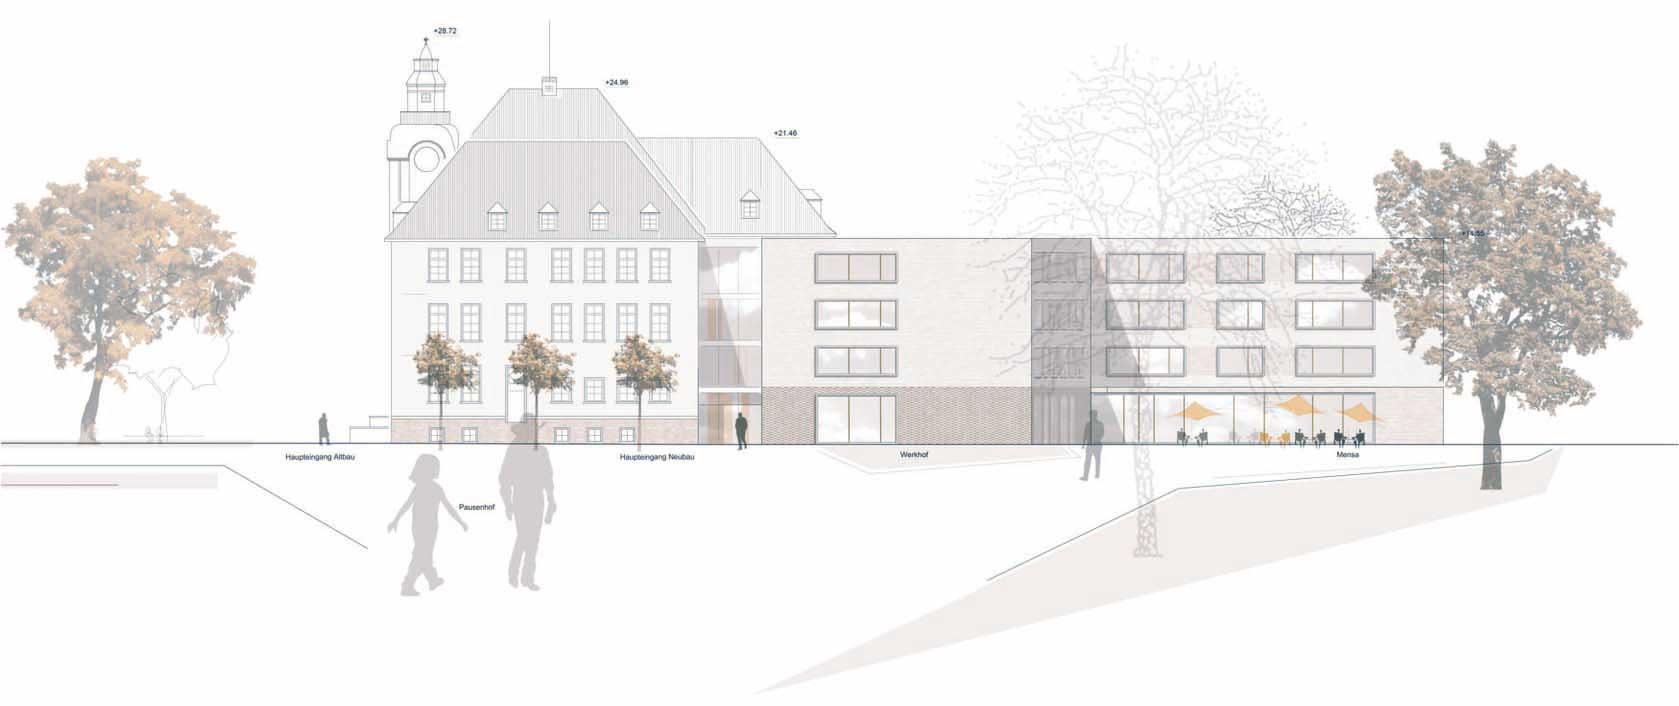 Sekundarschule-Duelmen-Ost